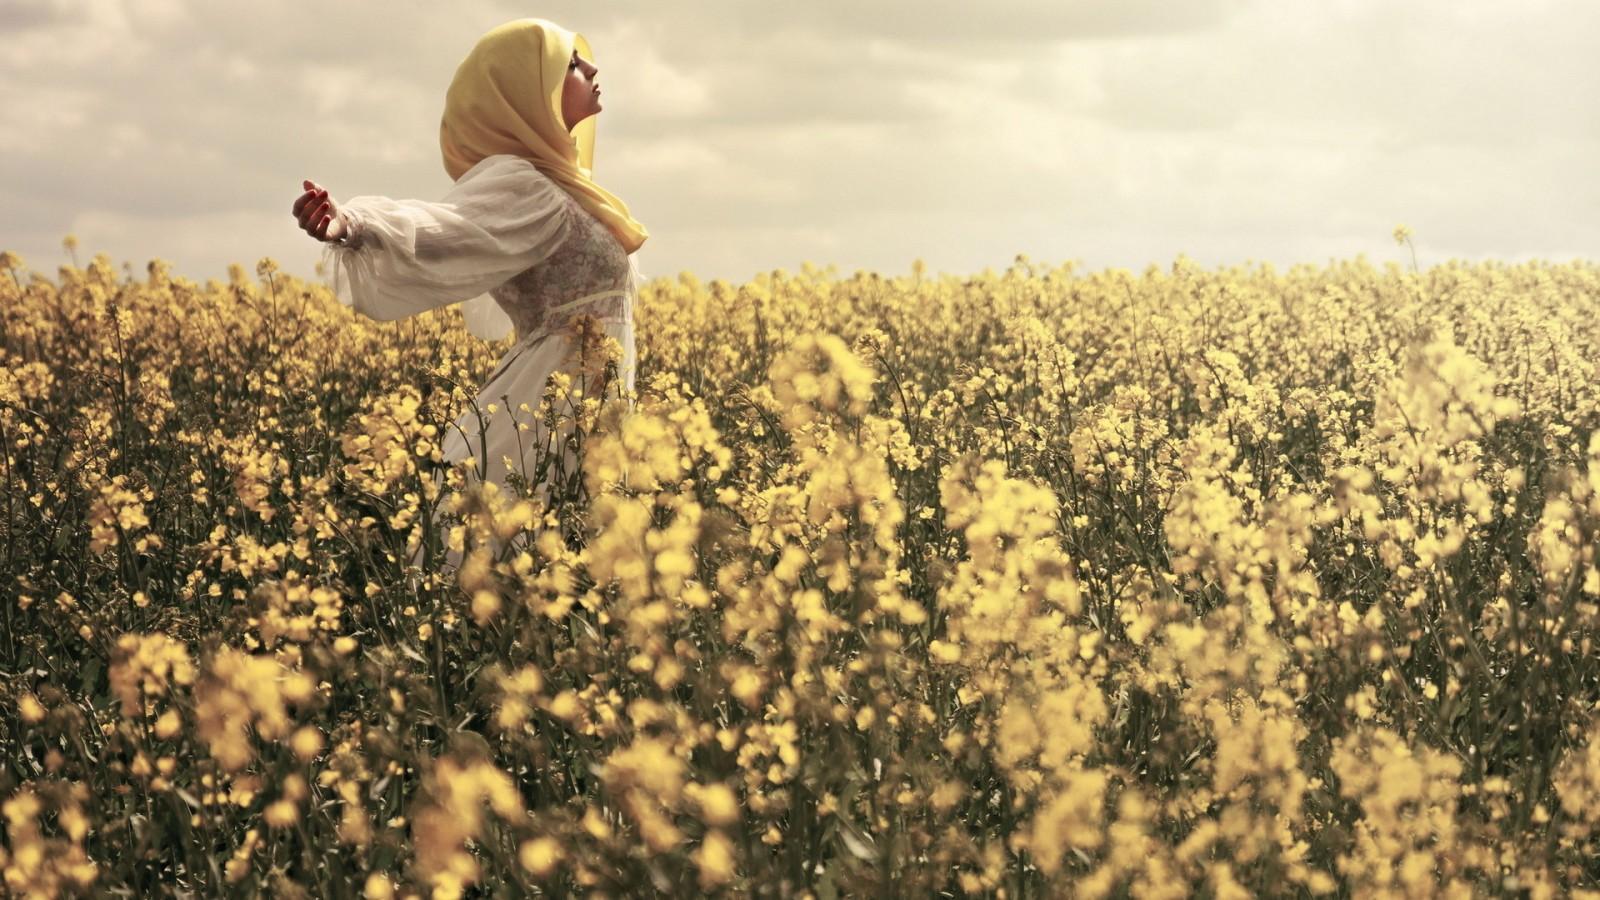 والپیپر دختر در گلزار - گل و روسری زرد